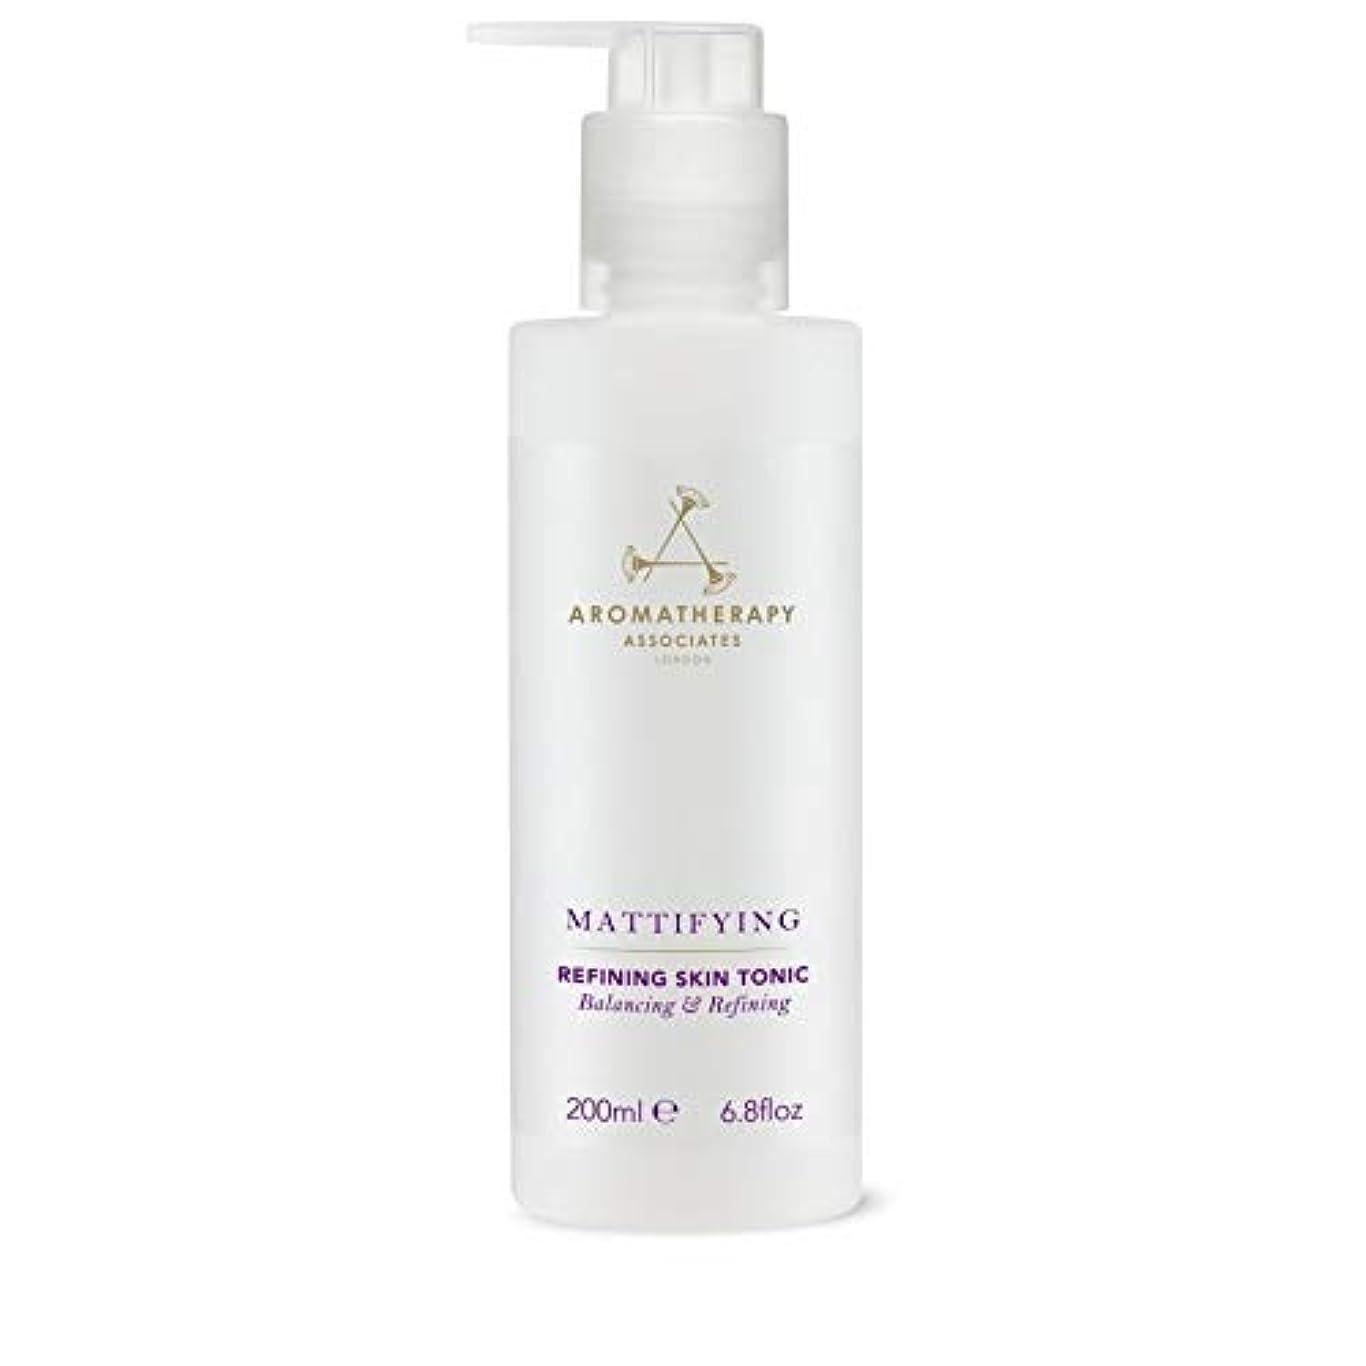 自動化請うバンジージャンプ[Aromatherapy Associates ] アロマセラピーアソシエイツ精錬皮膚の強壮剤、アロマセラピーアソシエイツ - Aromatherapy Associates Refining Skin Tonic,...